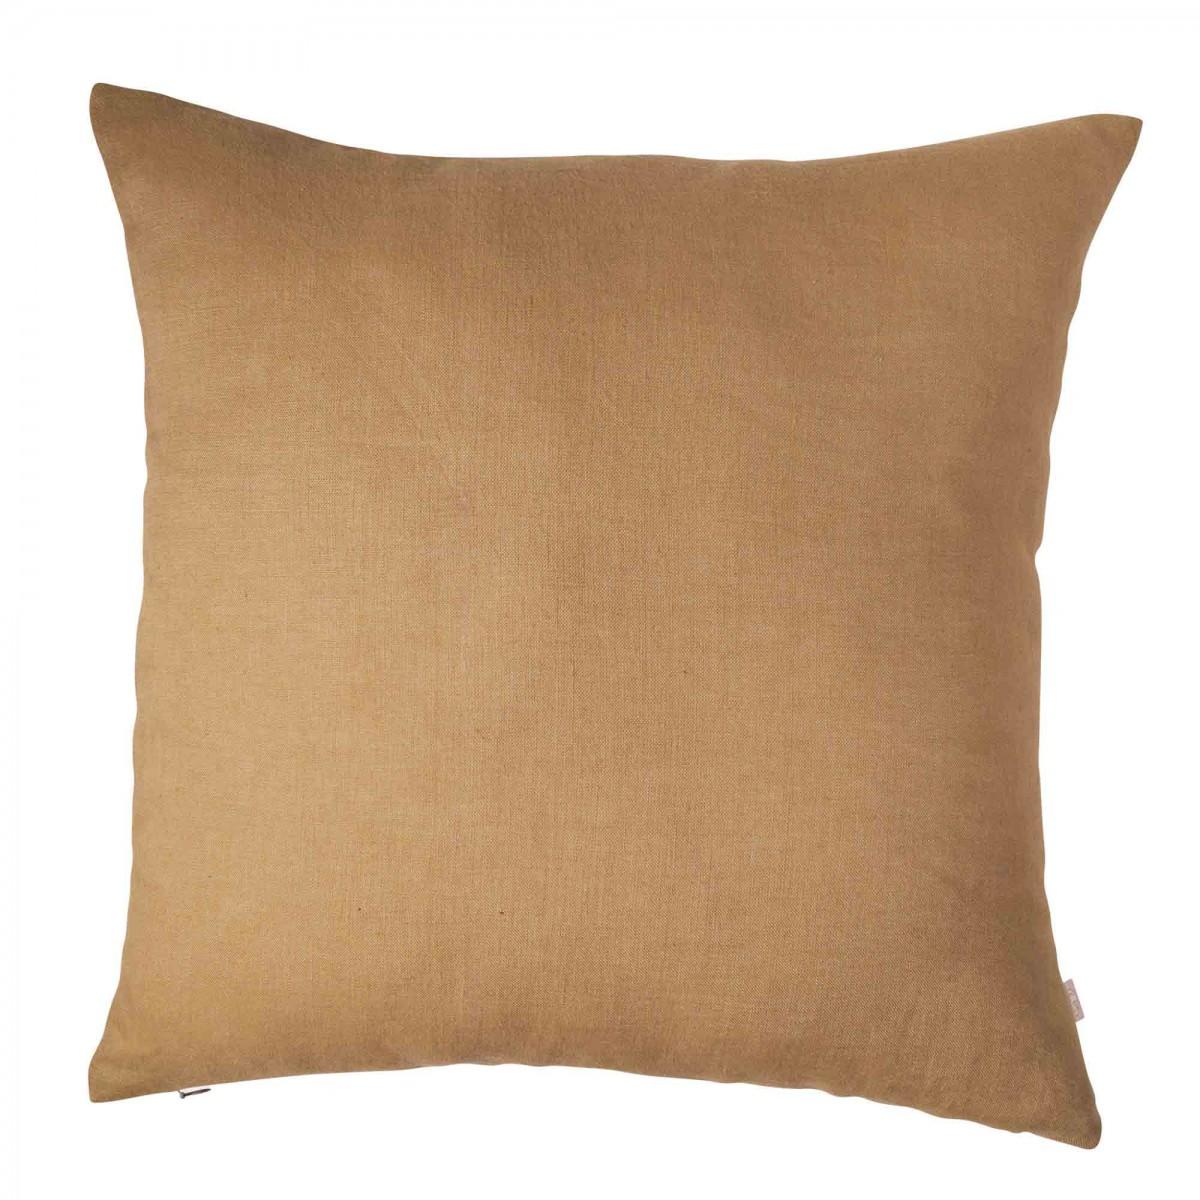 Housse de coussin en lin lavé marron camel 45x45